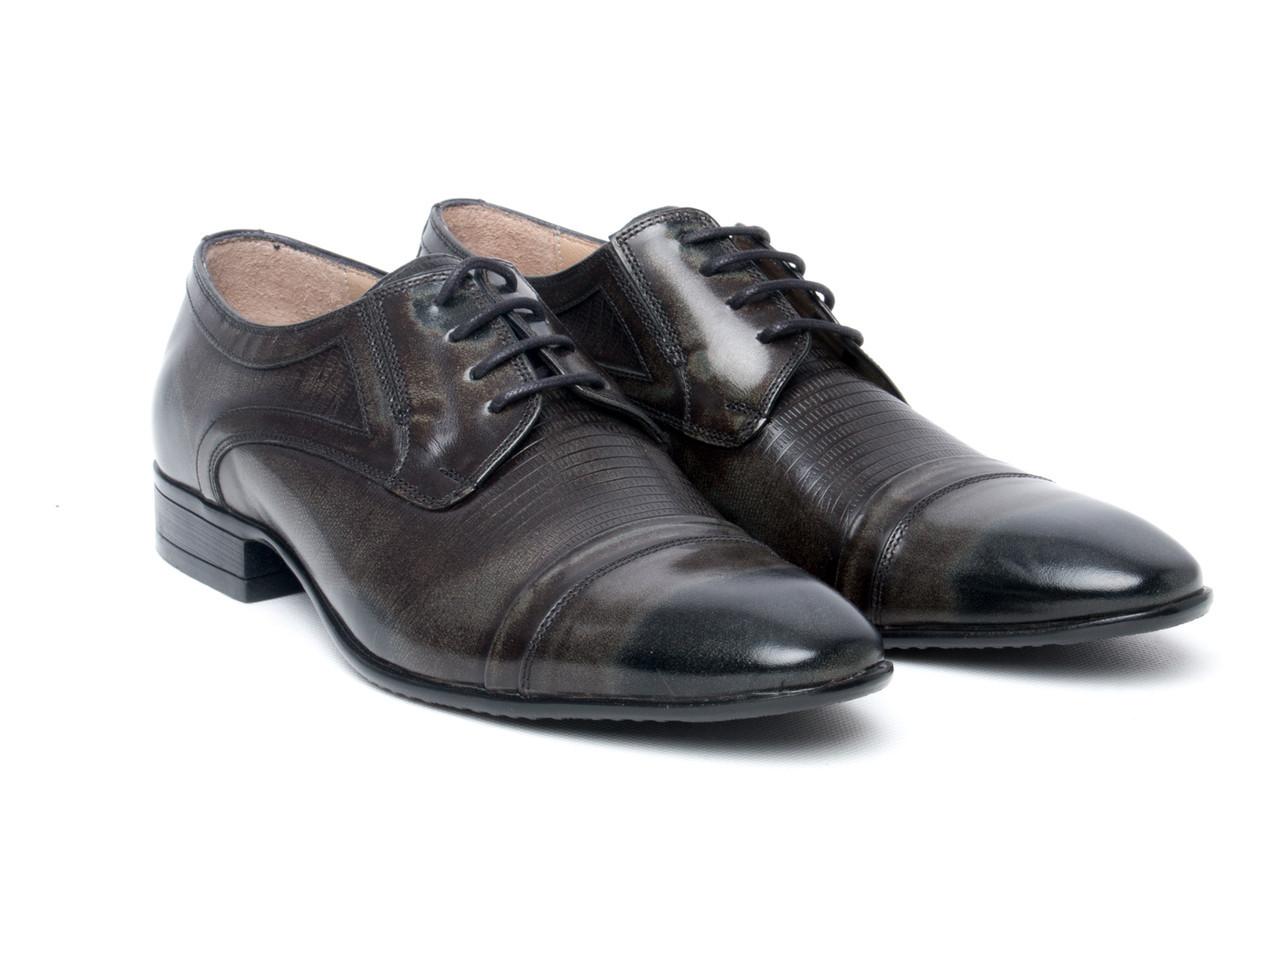 Туфли Etor 11630-852-1592 40 коричневые